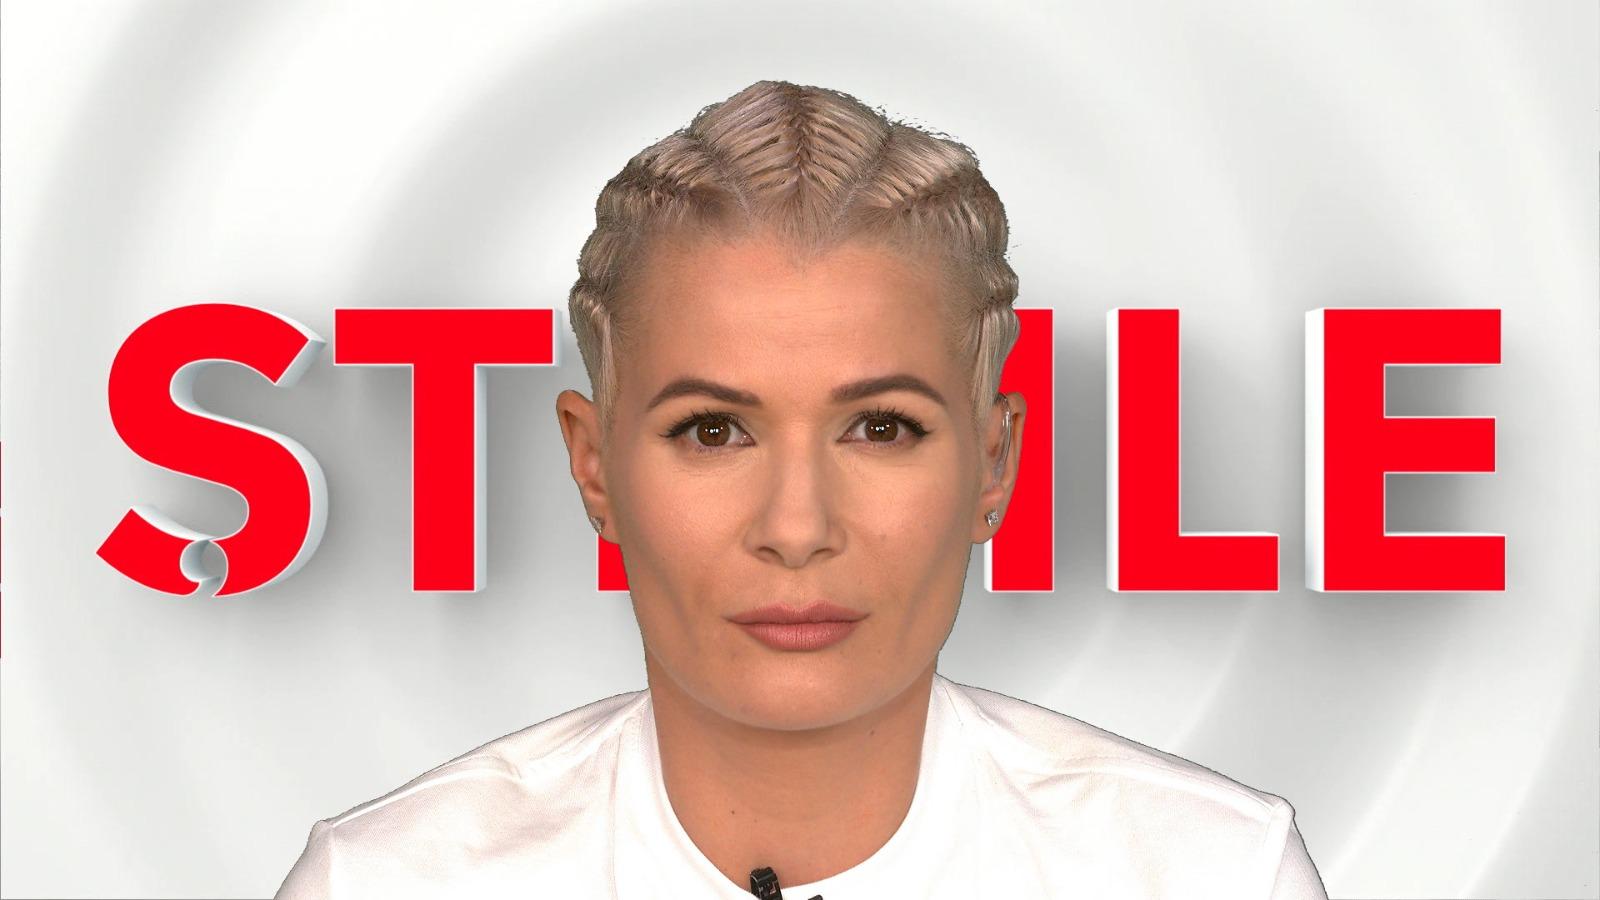 Știrile de la ora 13.00, prezentate de Monica Mihai, 29 septembrie 2020